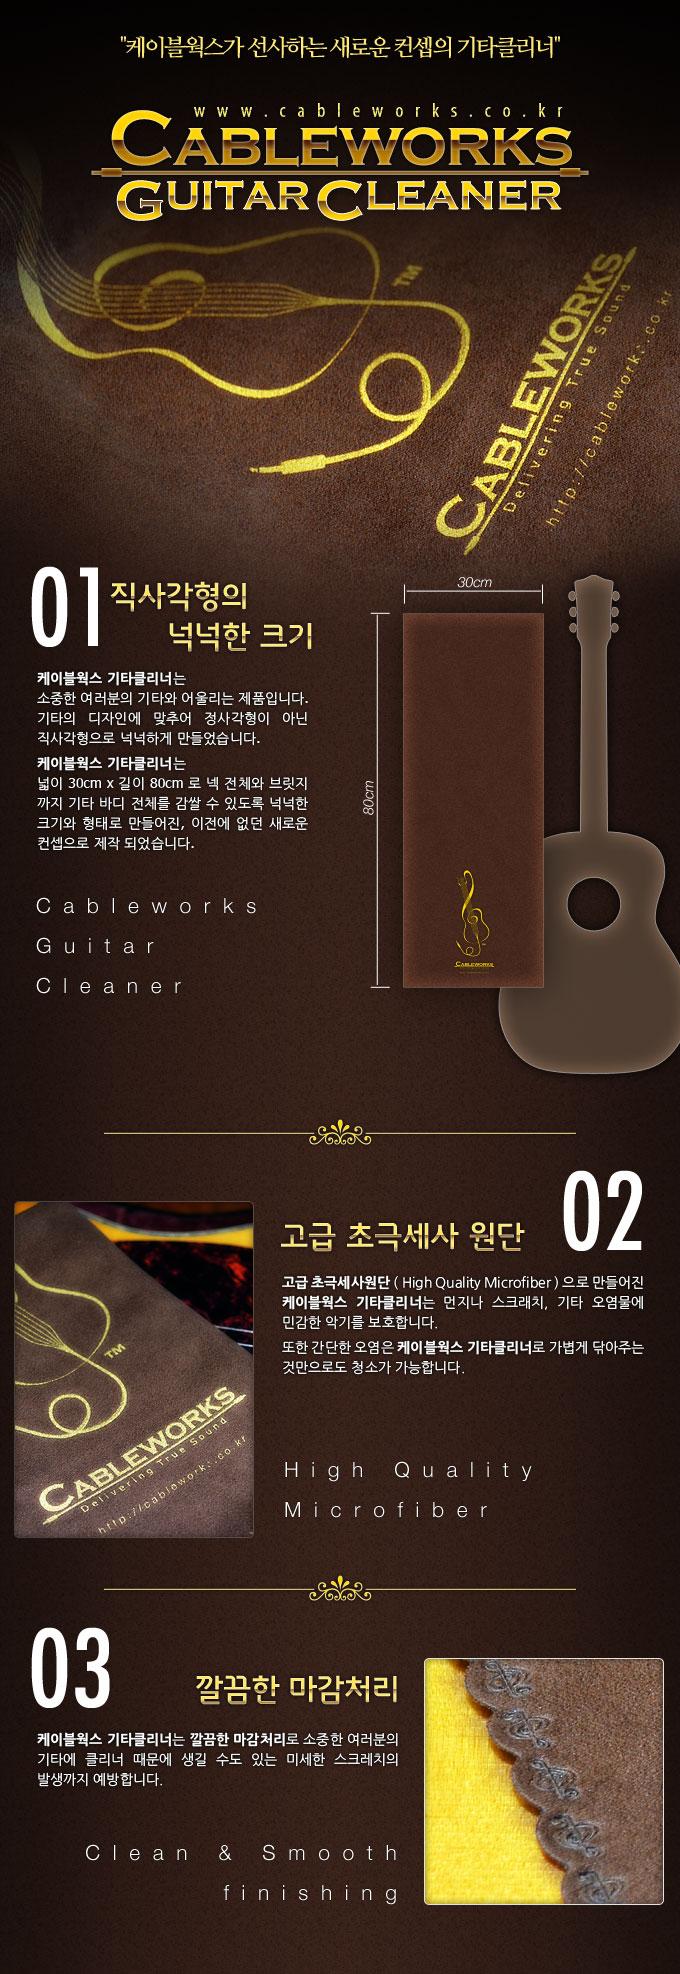 guitarcleaner_3.jpg